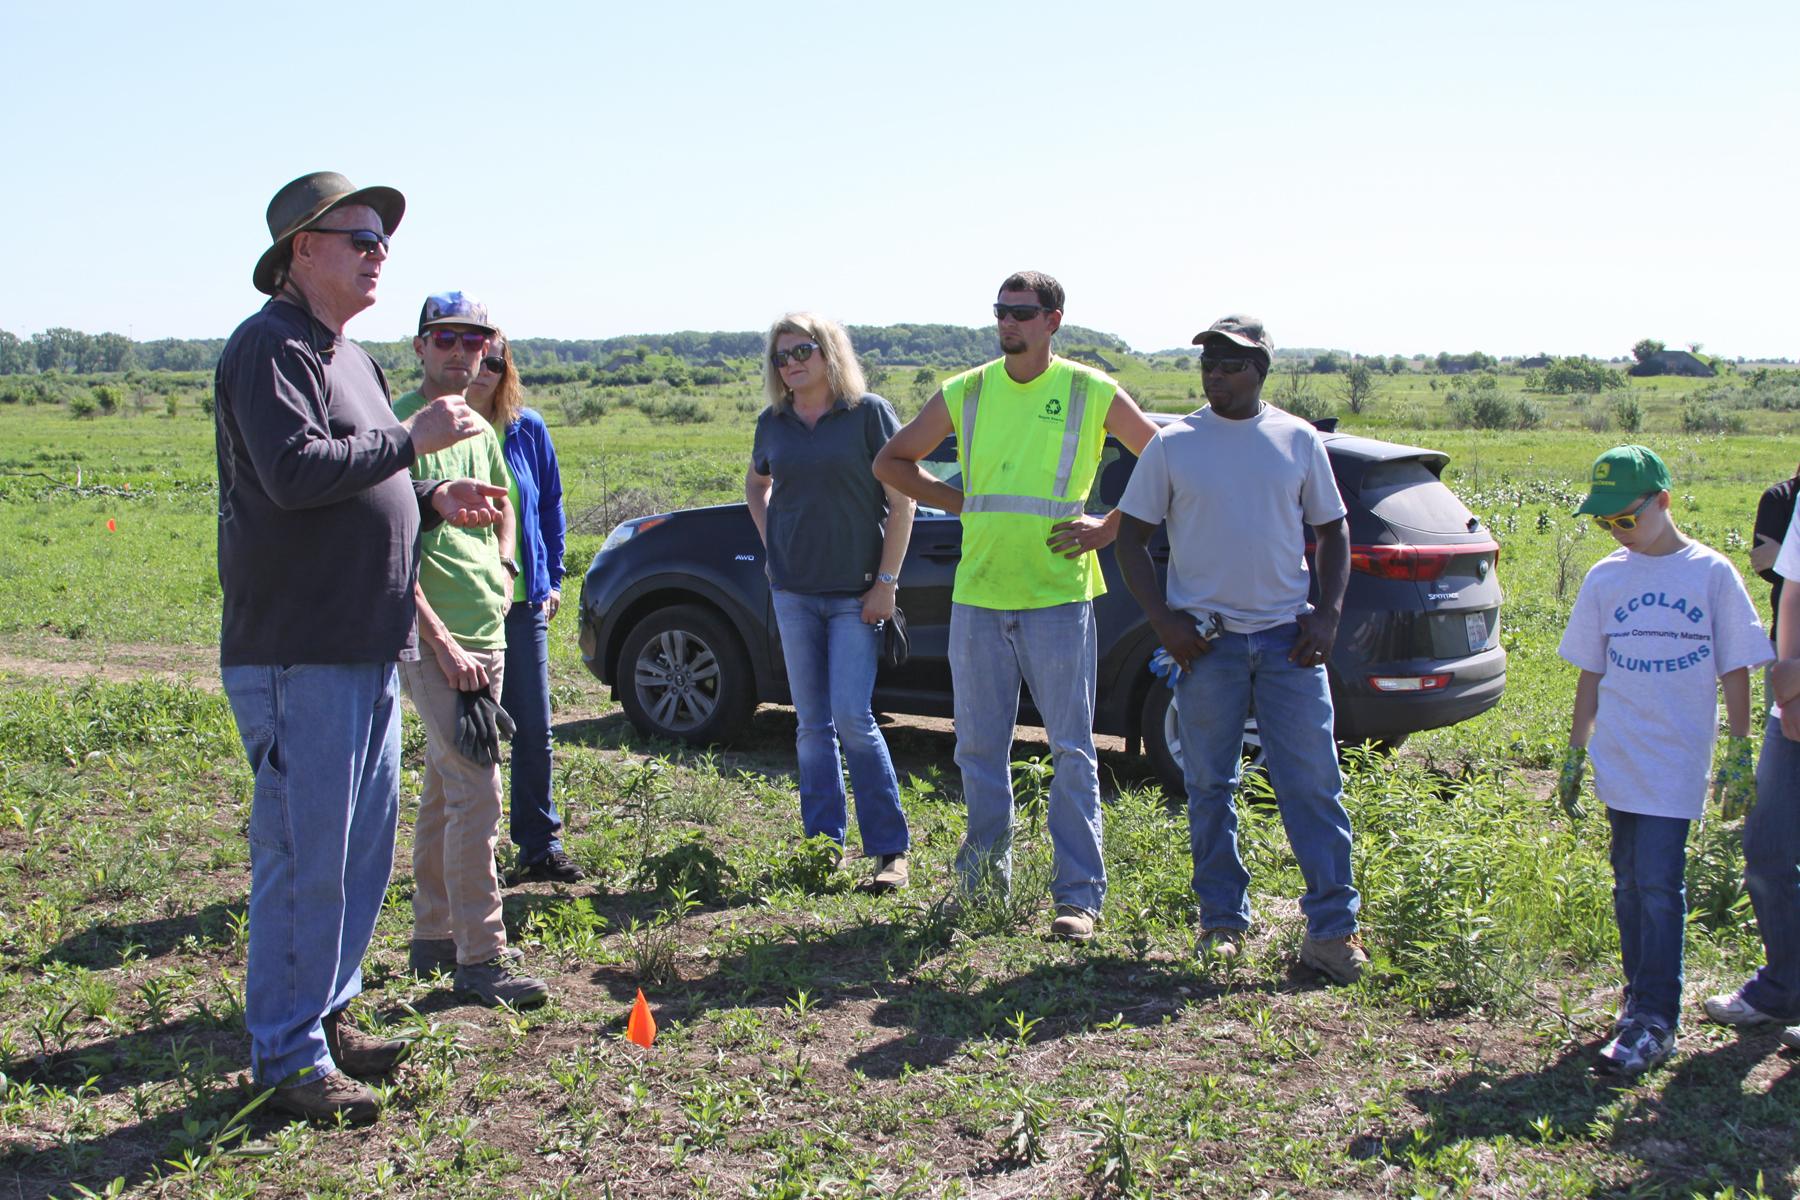 TWI's Senior Ecologist Dr. Gary Sullivan orients volunteers to Midewin National Tallgrass Prairie and the restoration effort.